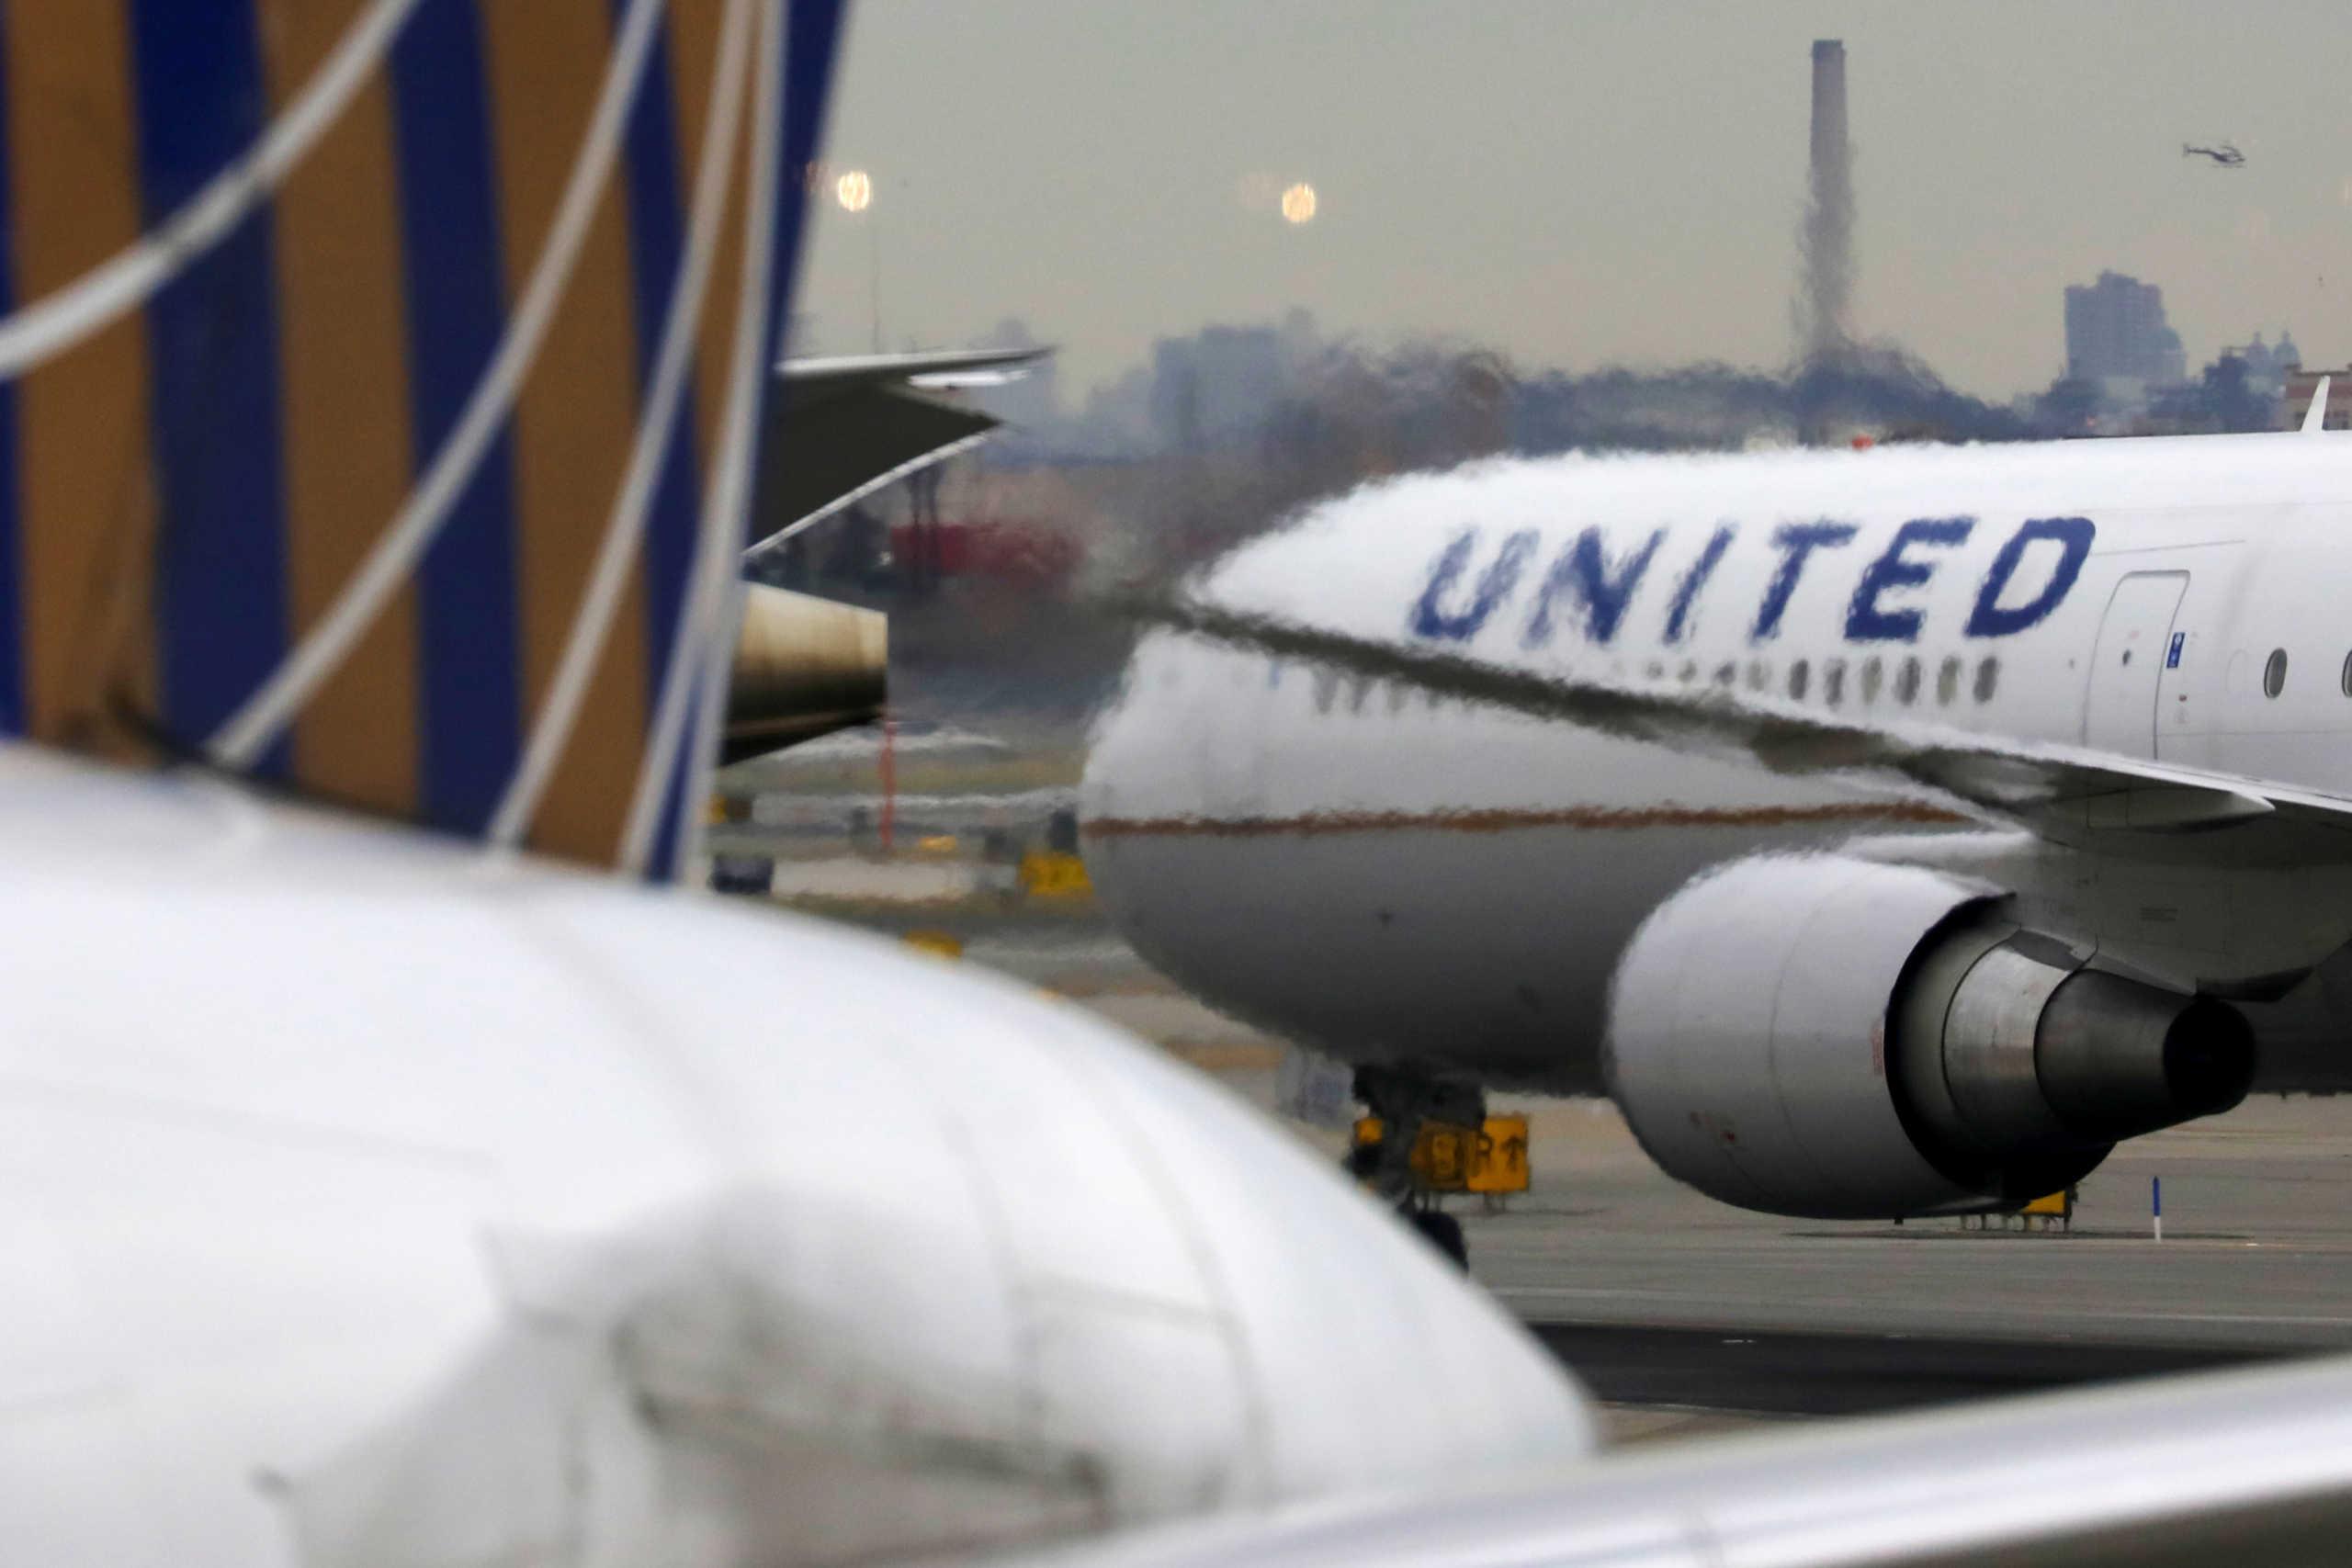 Παράνοια… κορονοϊού! Αναγκαστική προσγείωση αεροπλάνου λόγω… φτερνίσματος!